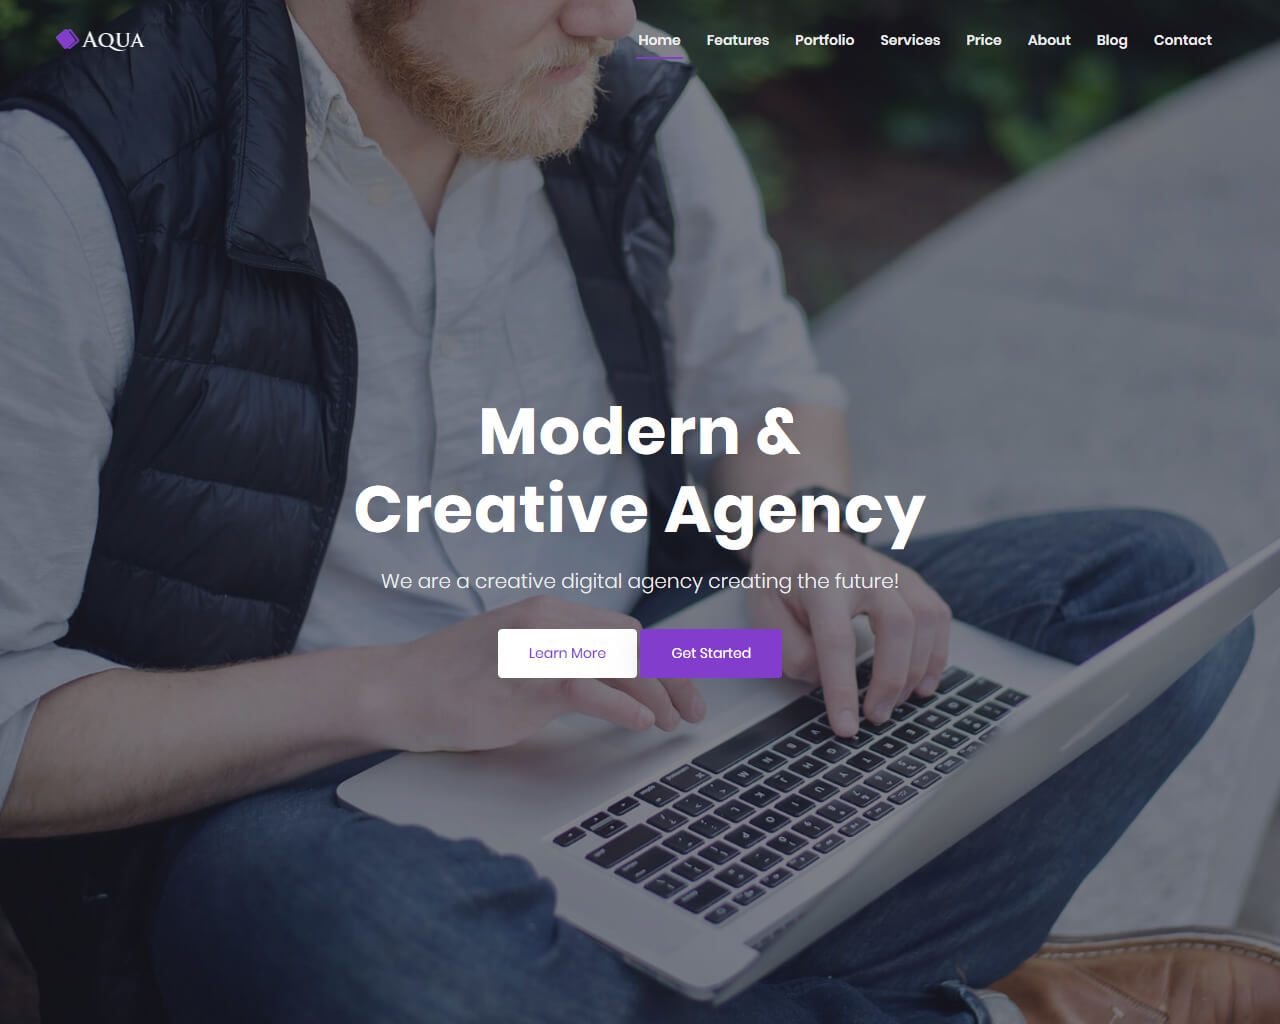 Aqua Website Template